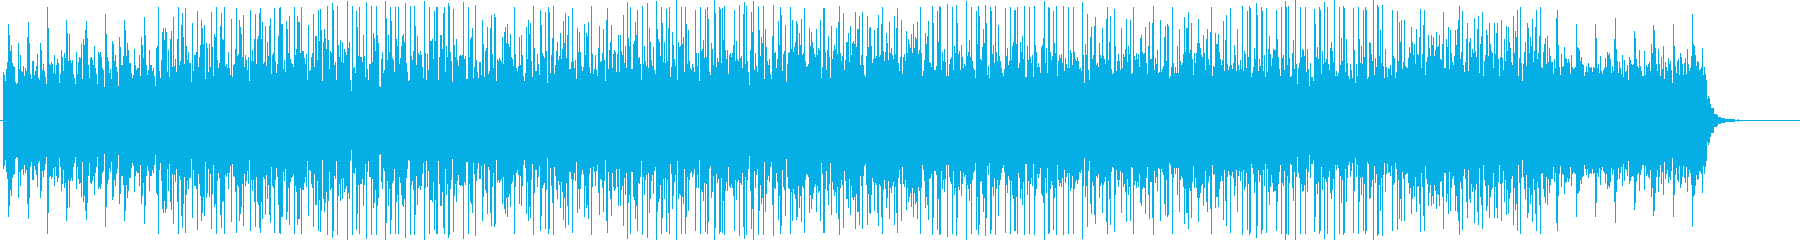 トピックス-ニュース-展望-データ-未来の再生済みの波形